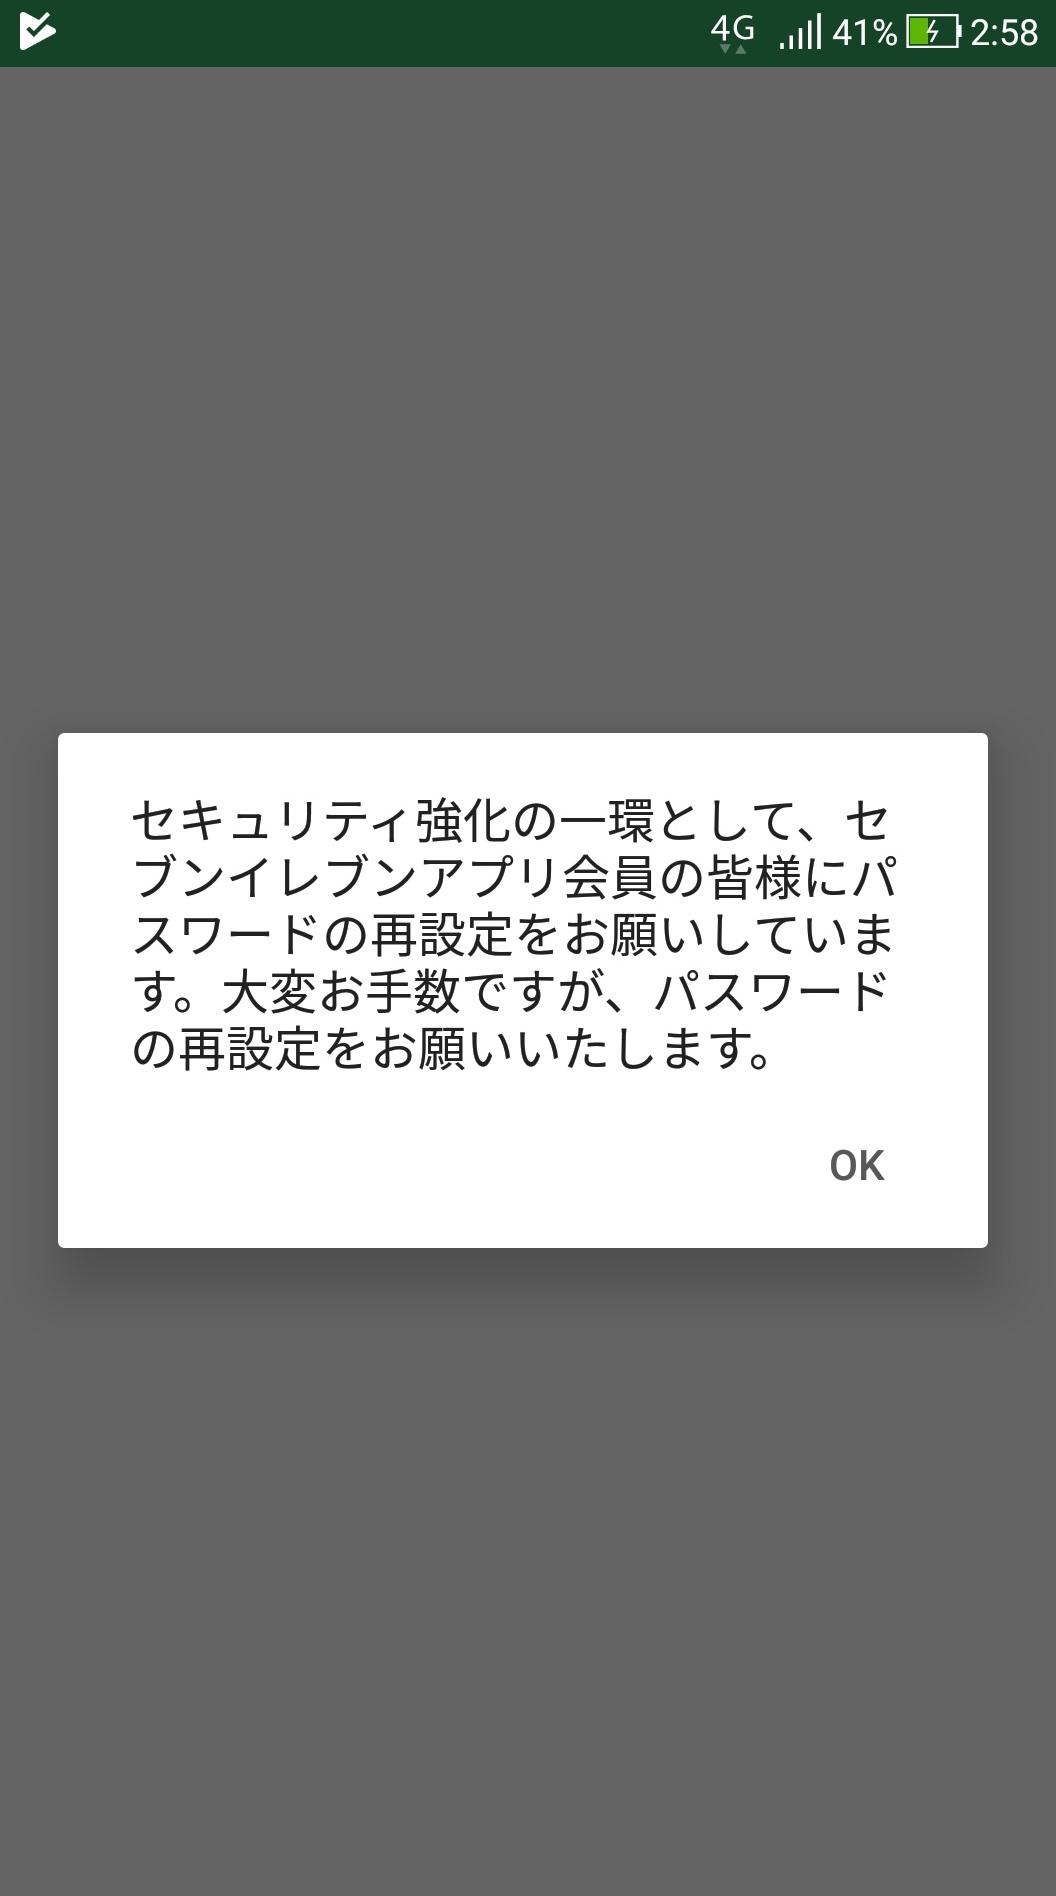 seven_app_password_07.jpg